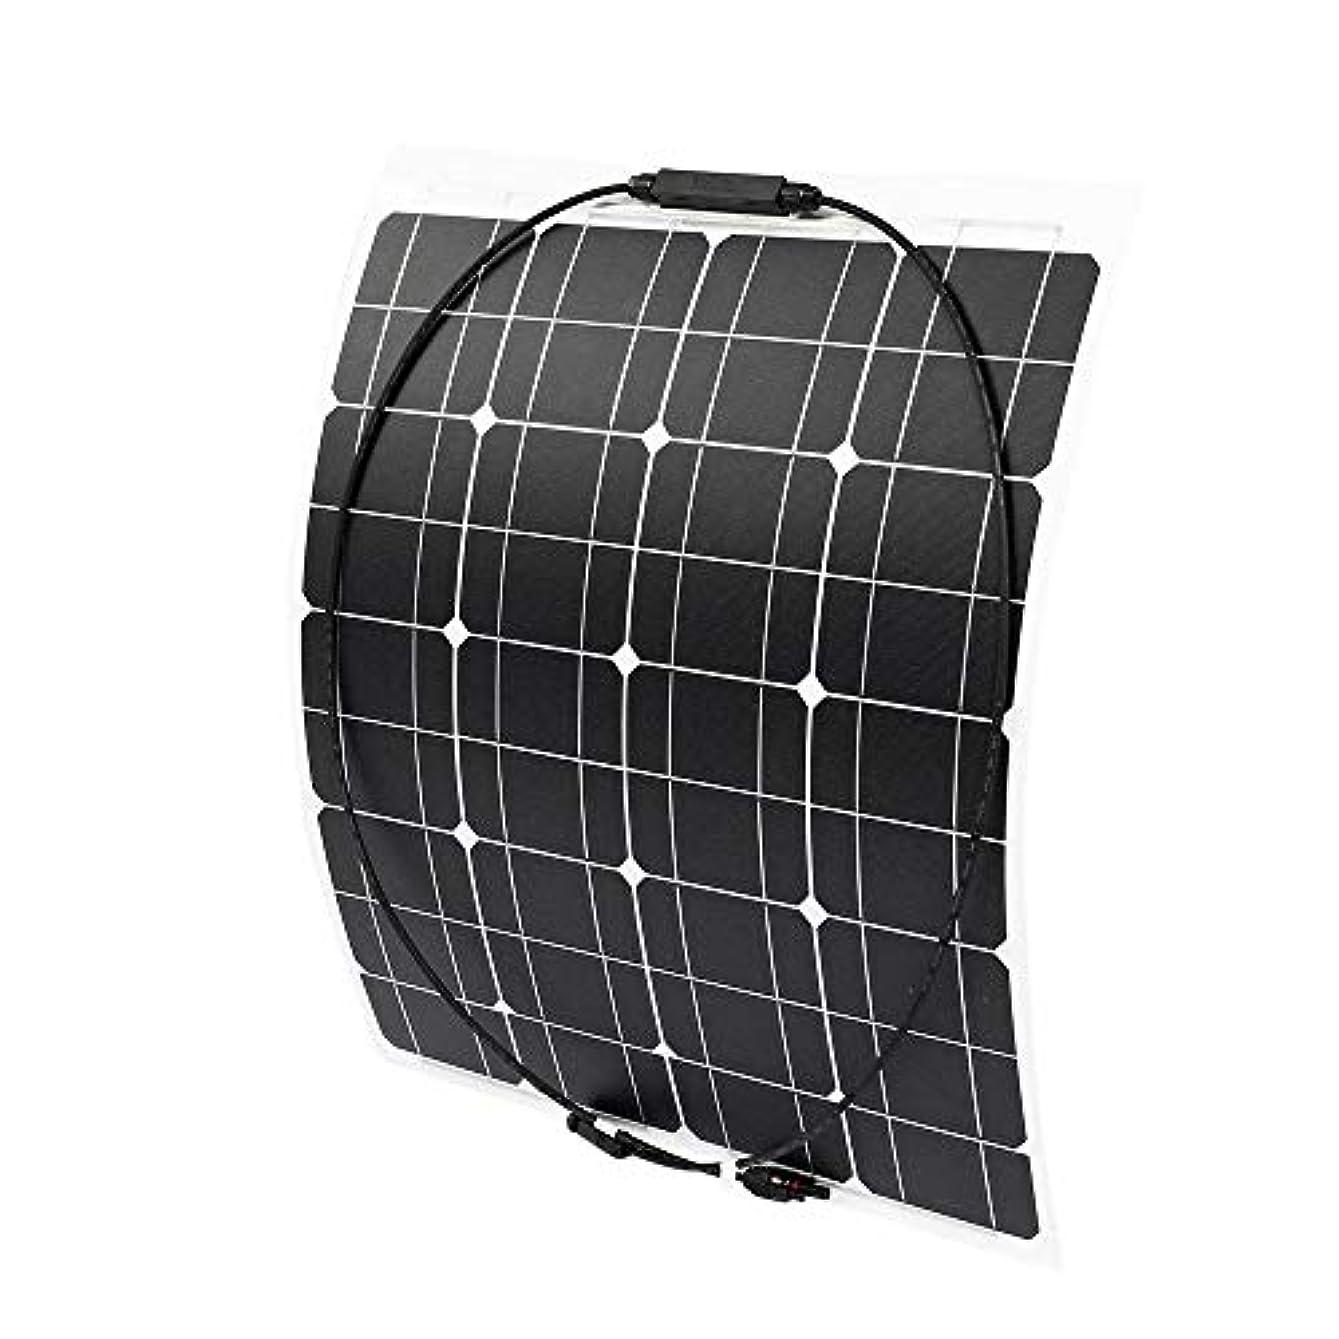 離す裁定チーフソーラーパネル 防水セミフレキシブルな単結晶ソーラーパネル70W 18V 太陽光発電 (Color : Black, Size : 640x540x3mm)